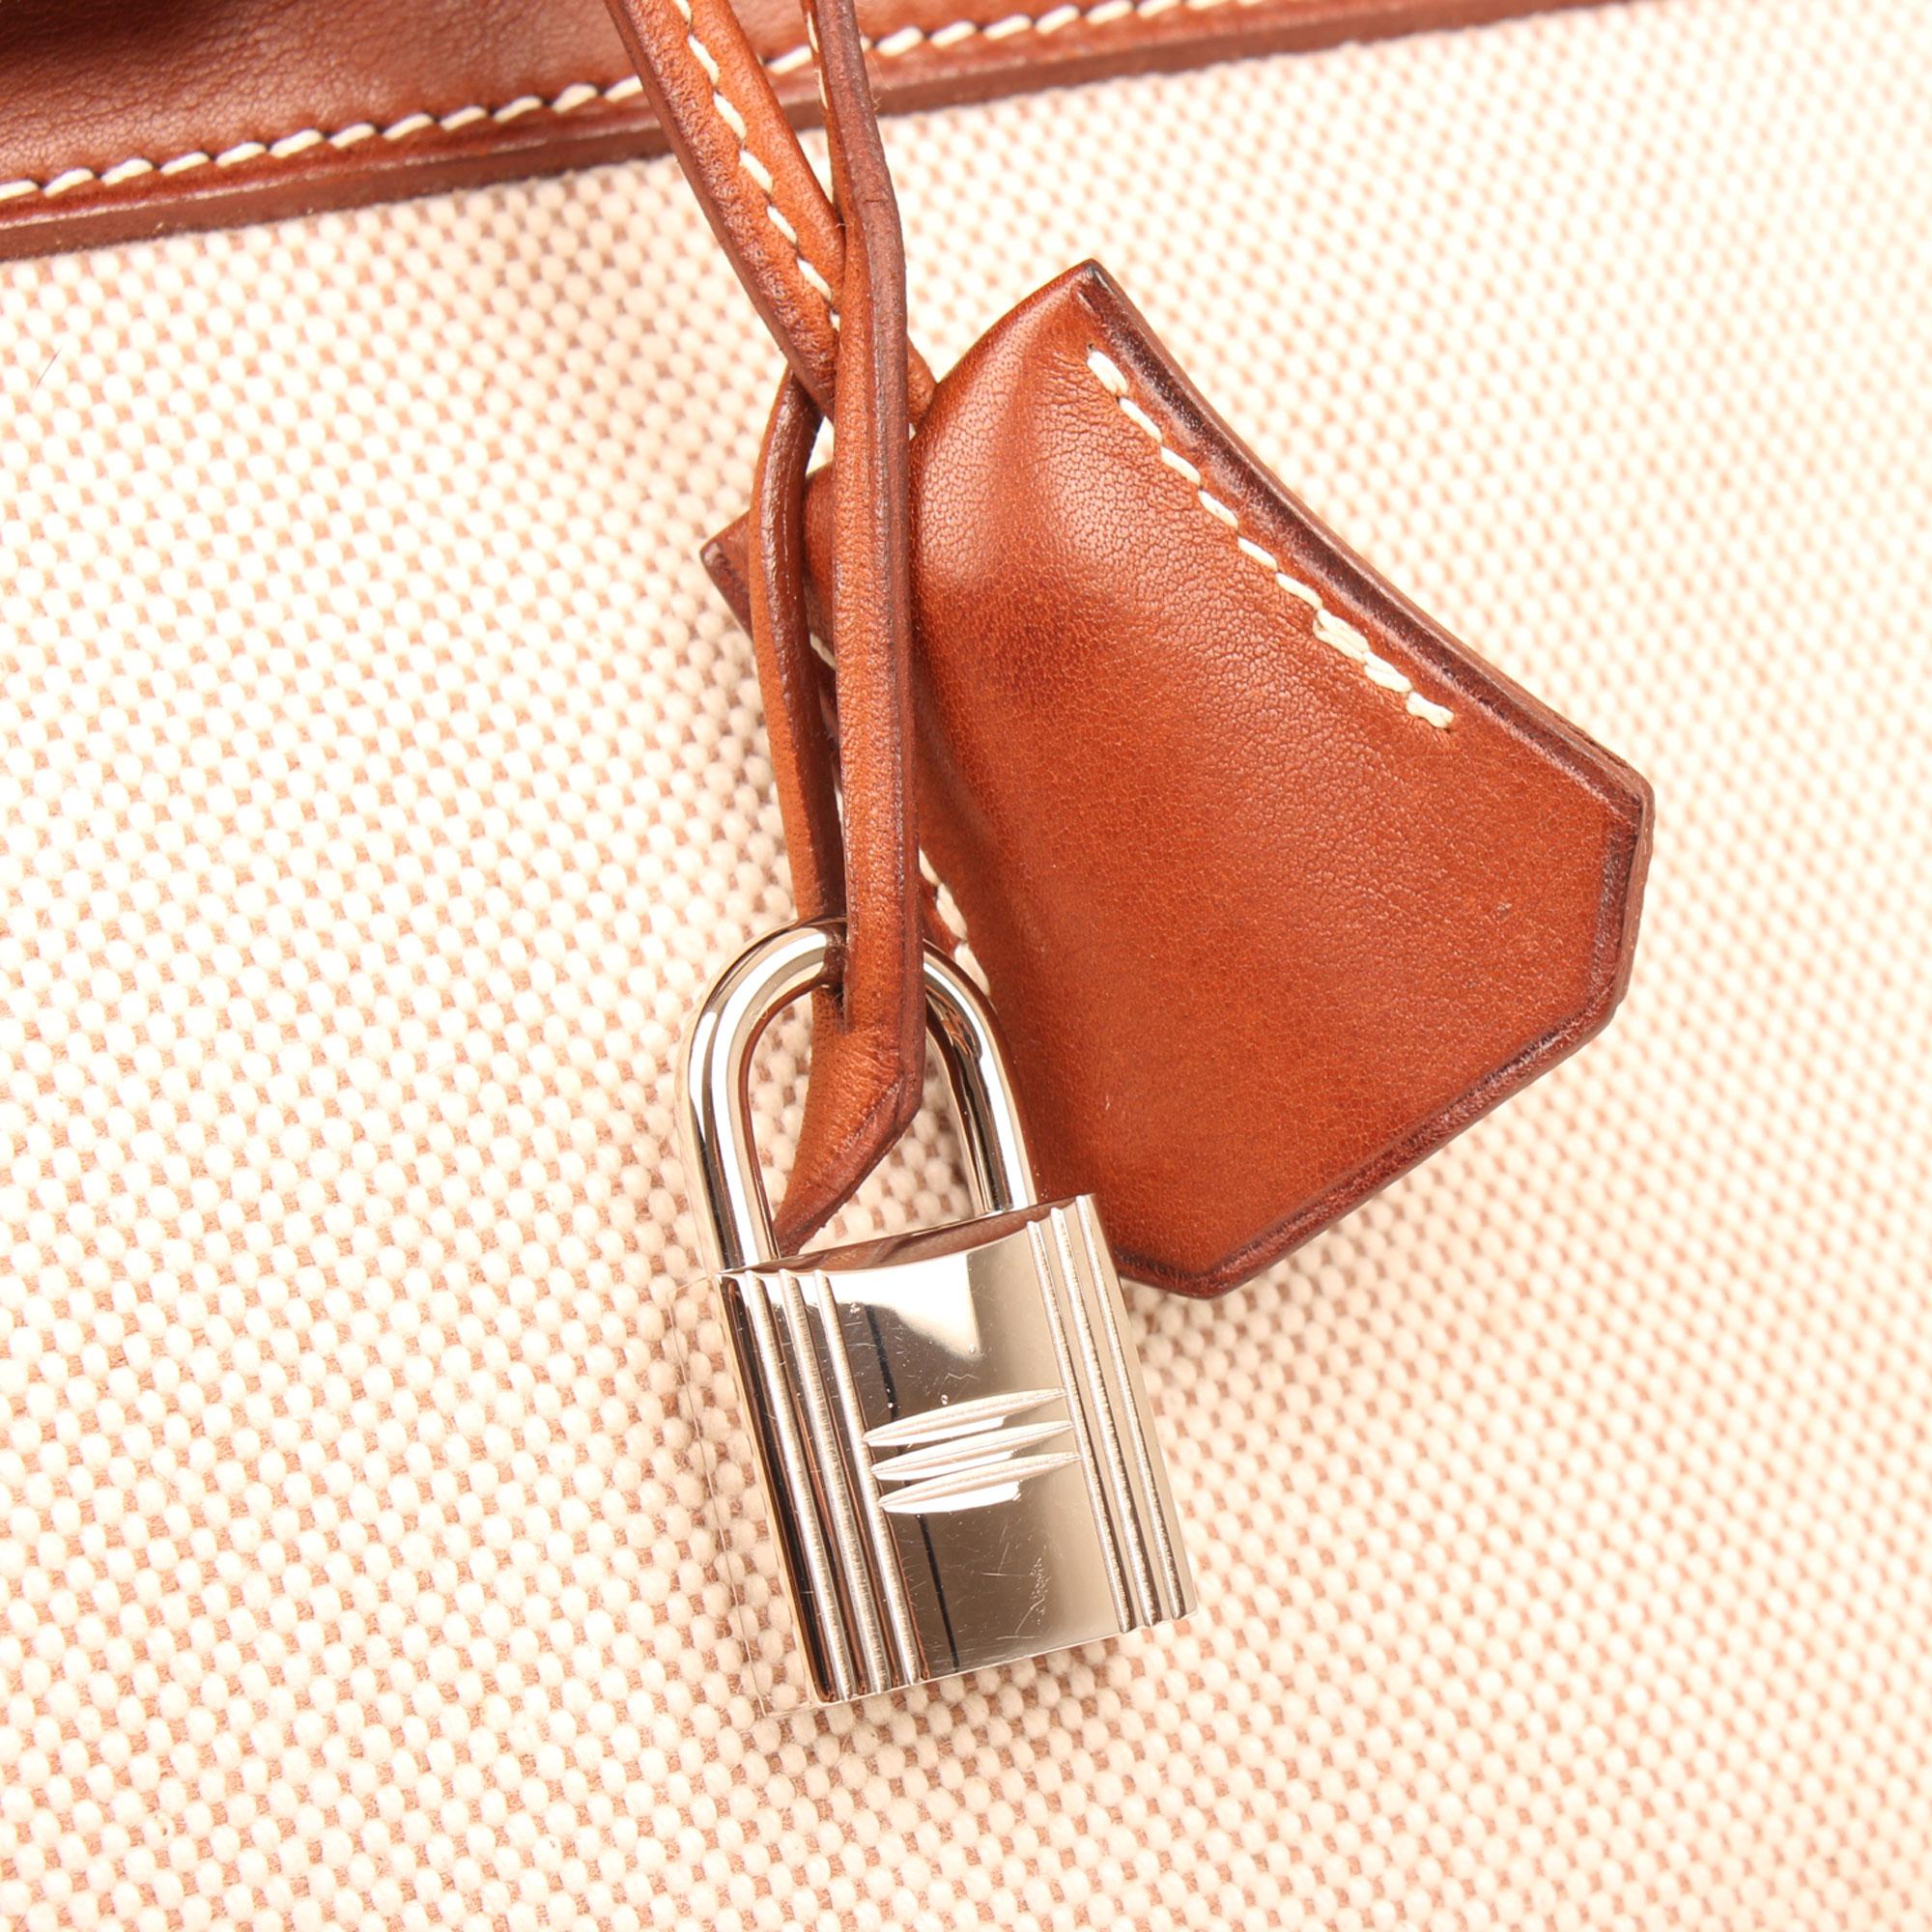 Imagen de detalle del candado y llaves del bolso hermes birkin 35 barenia lona